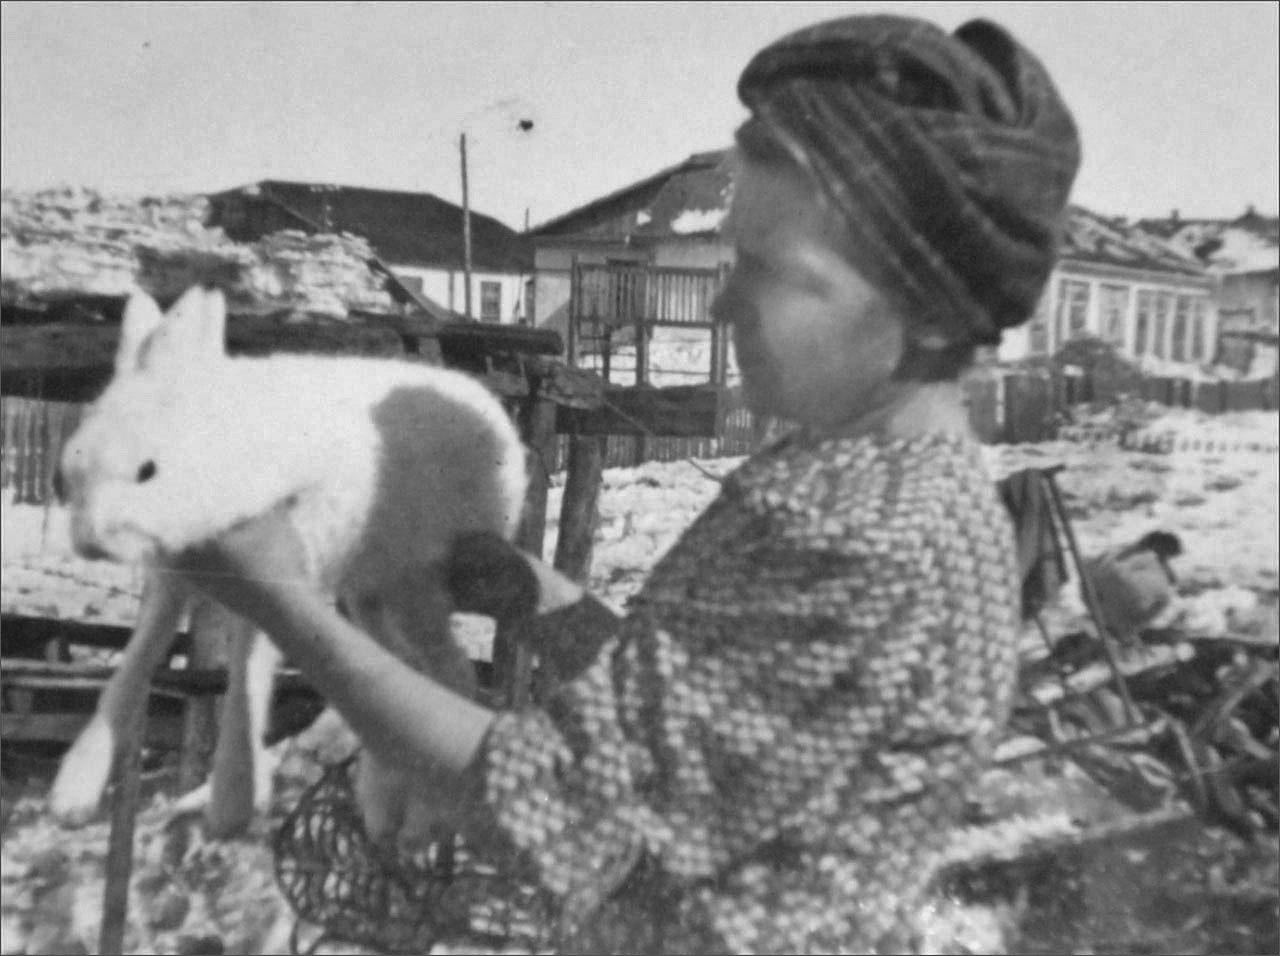 Мать с зайцем в послевоенном Оротукане. Фото предоставлено Геннадием Капленковым.